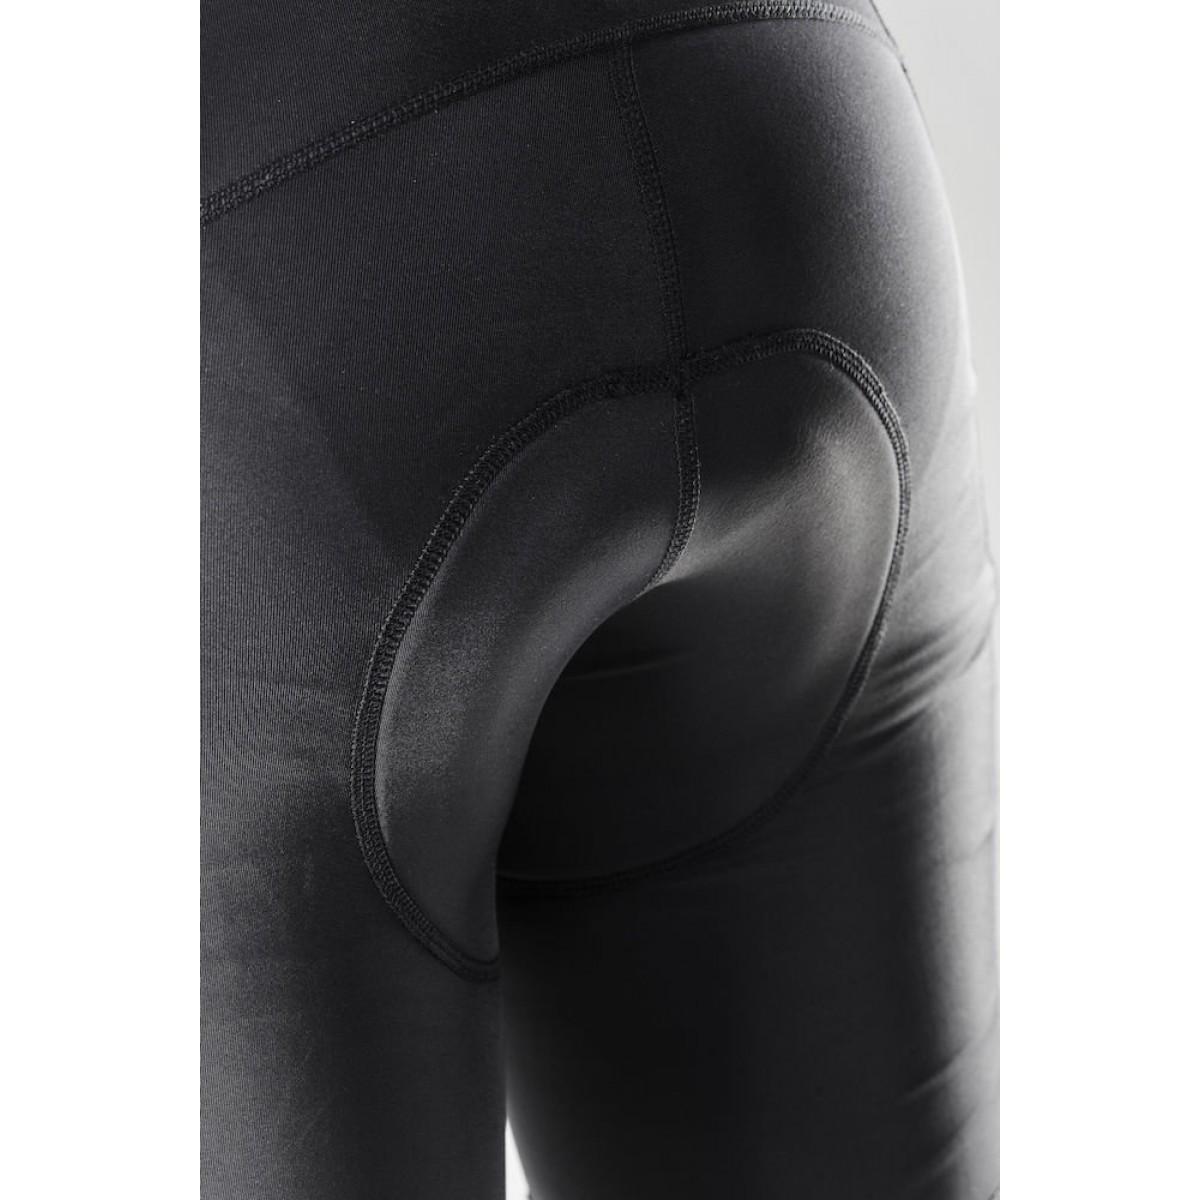 Craft Velo Shorts Herre-31